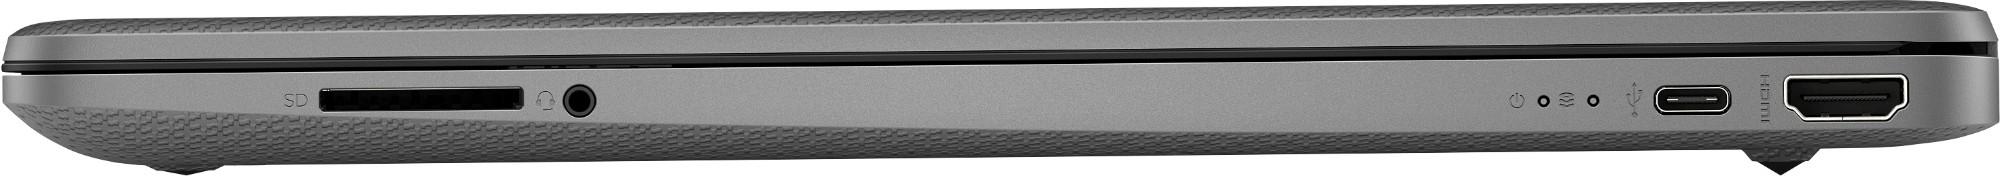 HP 15s-fq2000nq